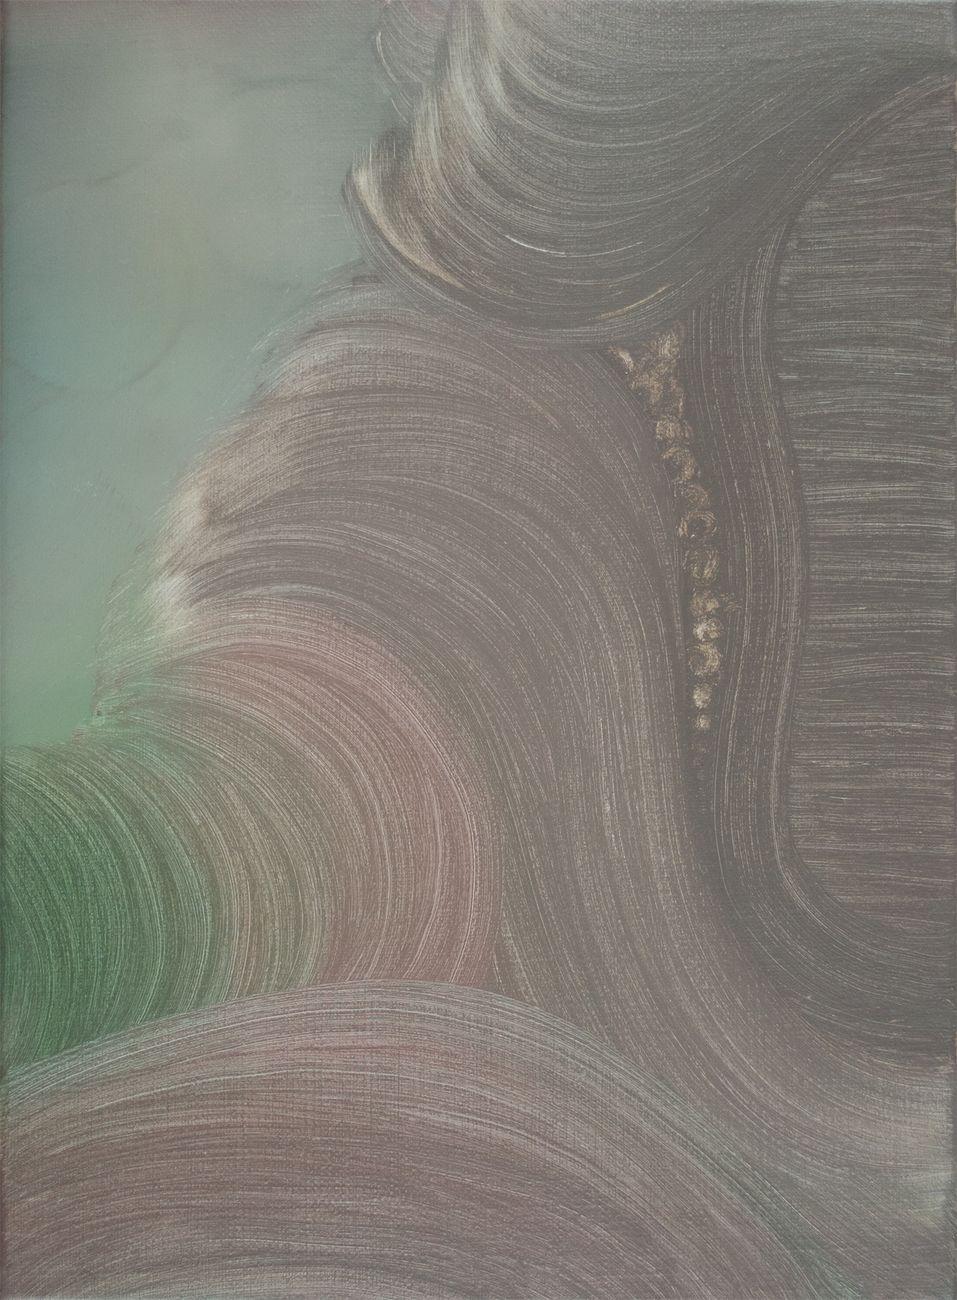 Marta Sforni, Mirror Muffato, 2016, olio su tela, 37 x 27 cm